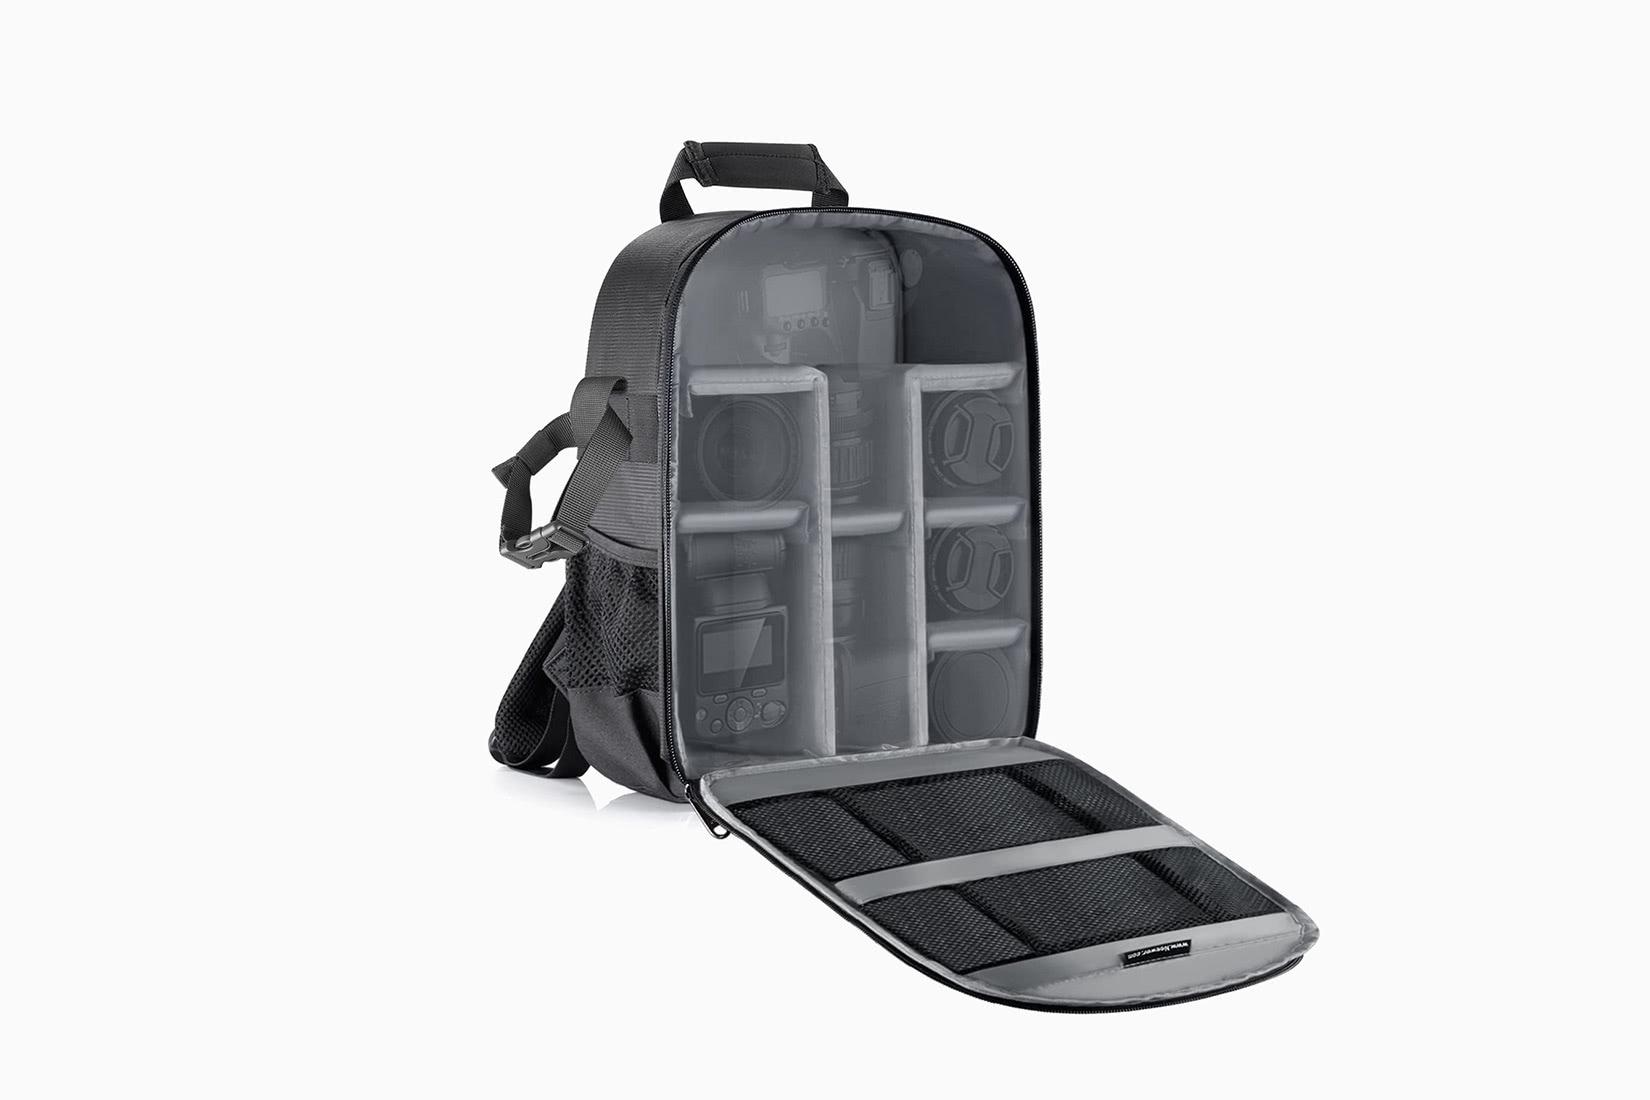 best camera backpacks neewer - Luxe Digital